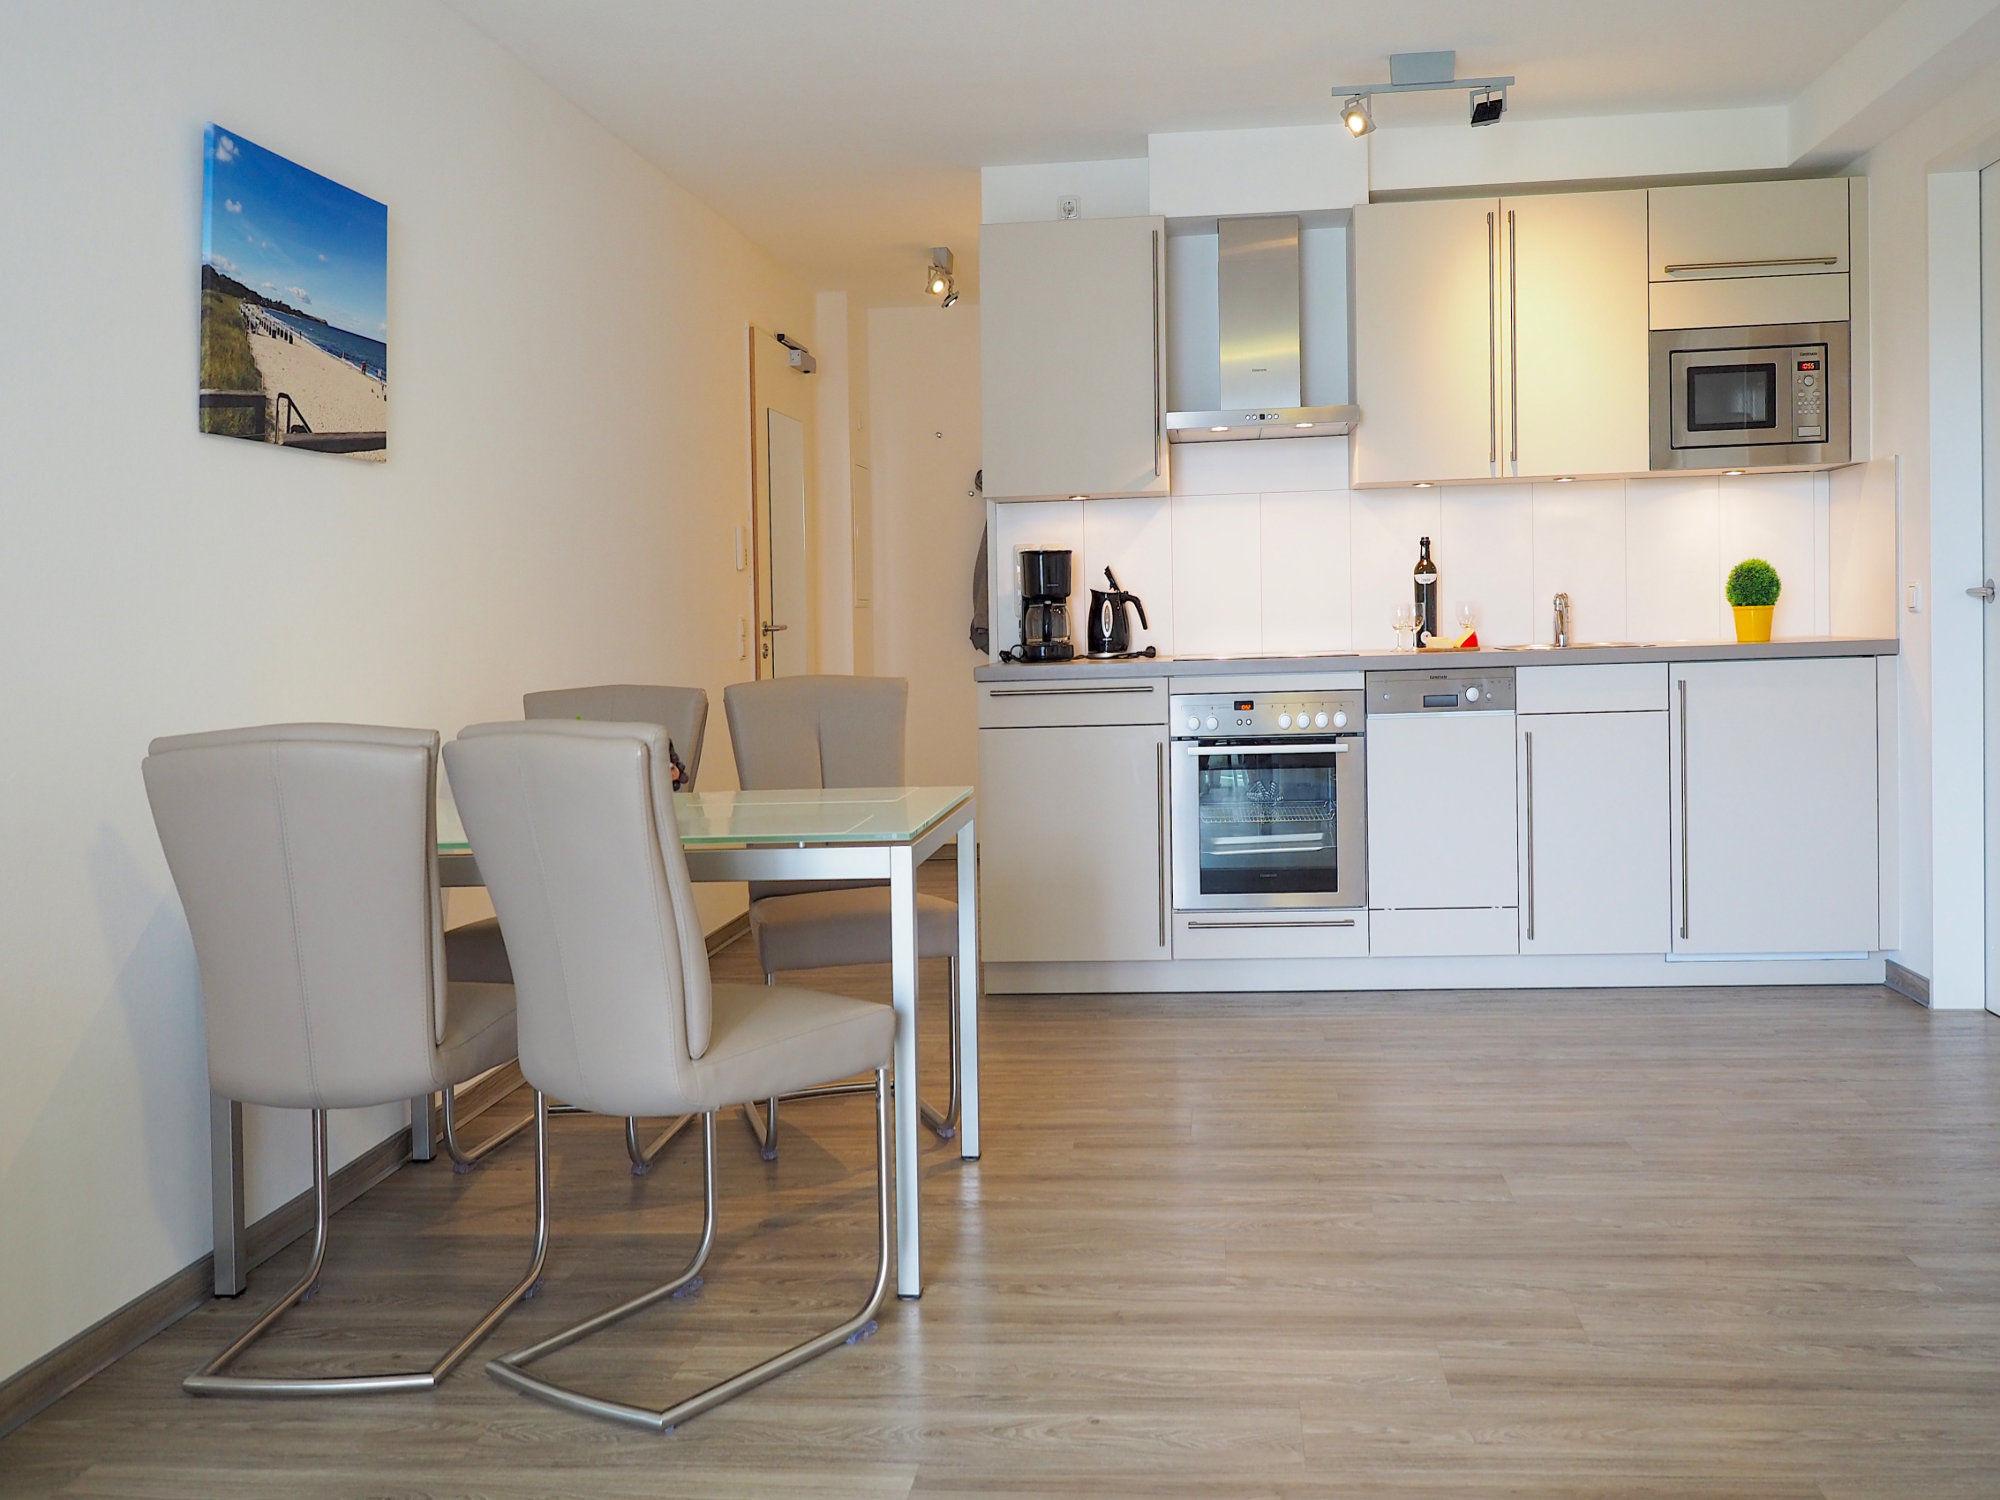 Esstisch mit vier Stühlen, moderne Küchenzeile im Hintergrund